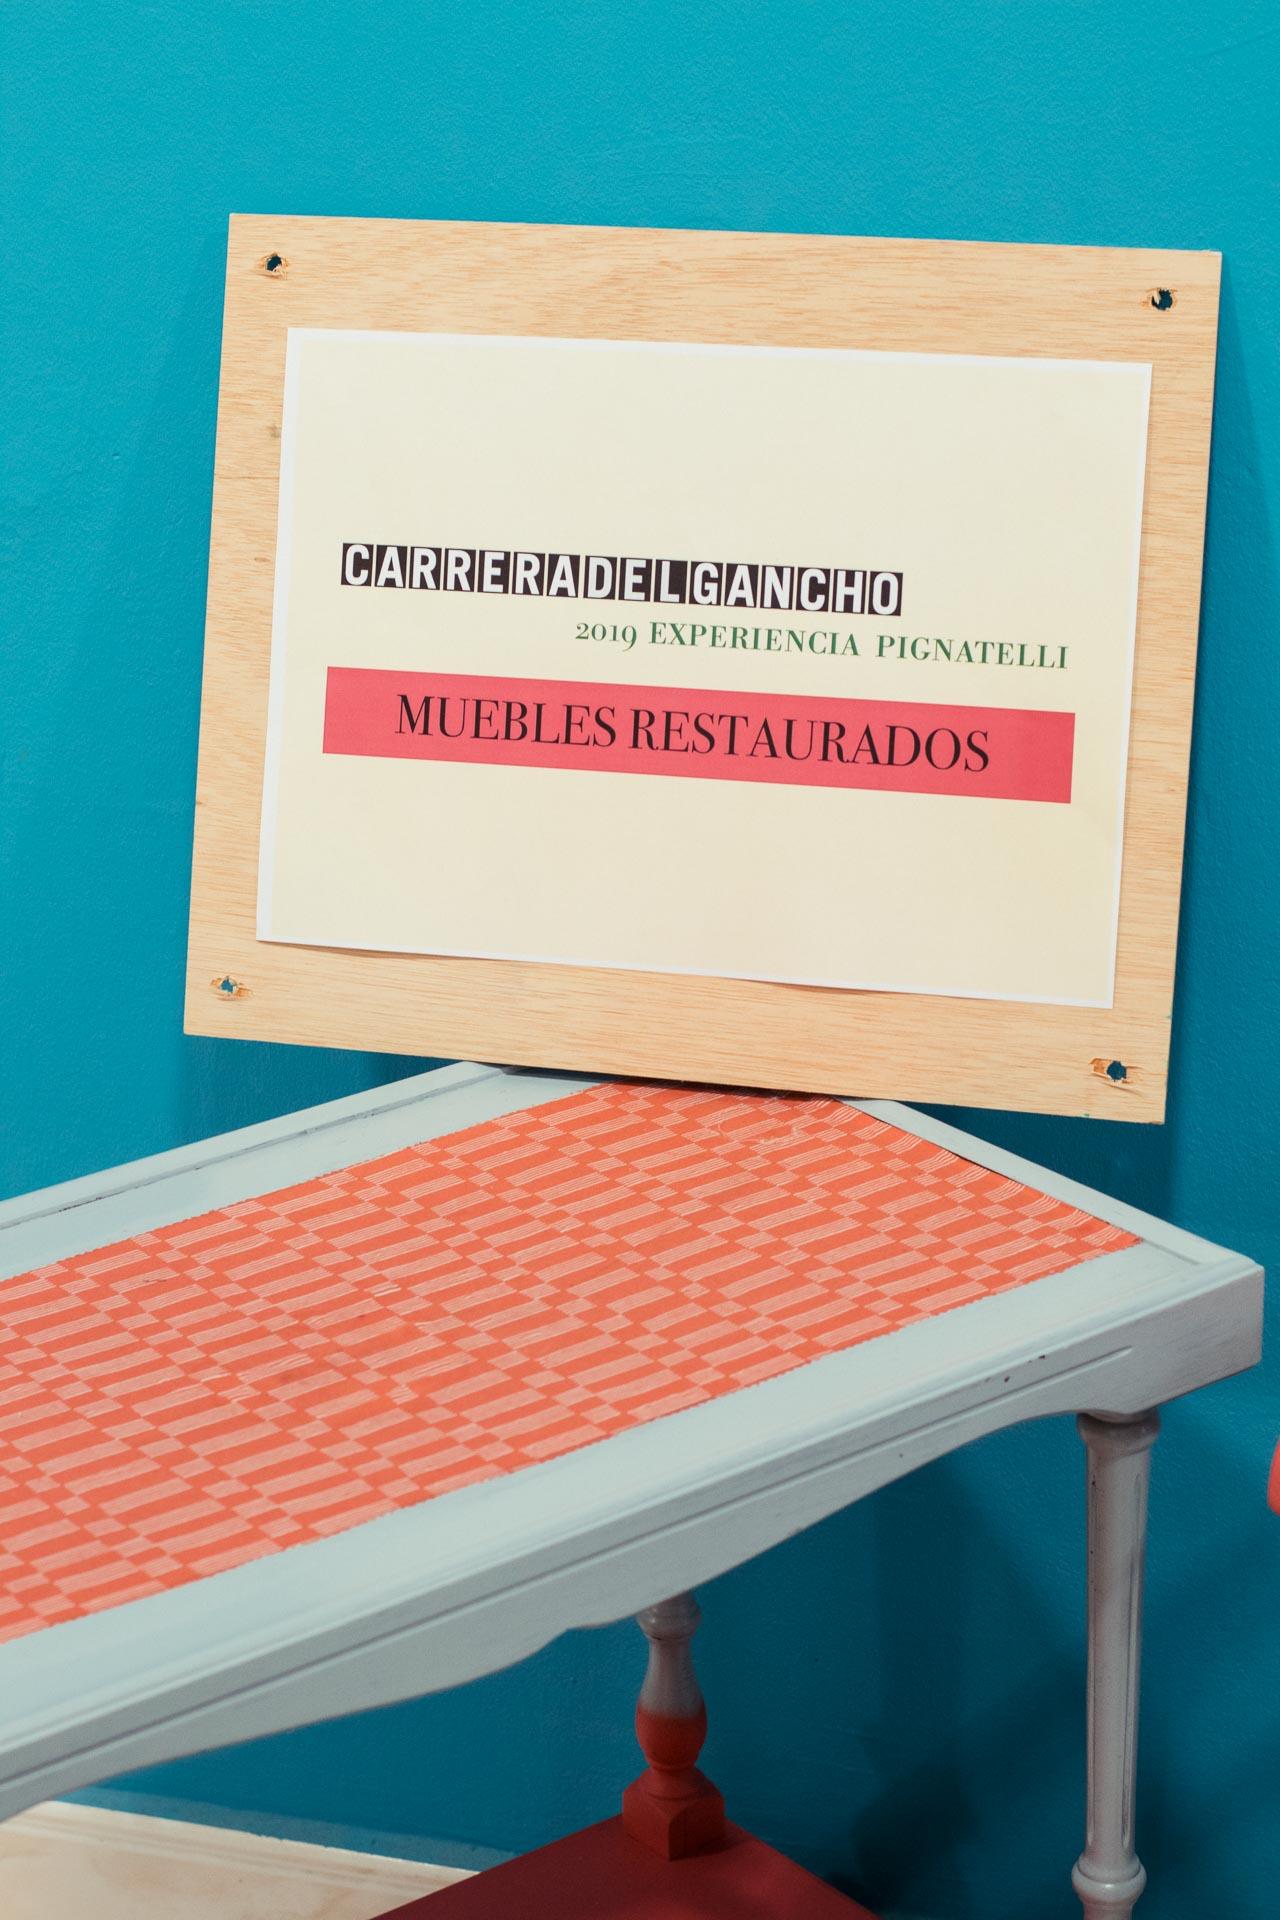 Muebles recuperados y restaurados en La Carrera del Gancho